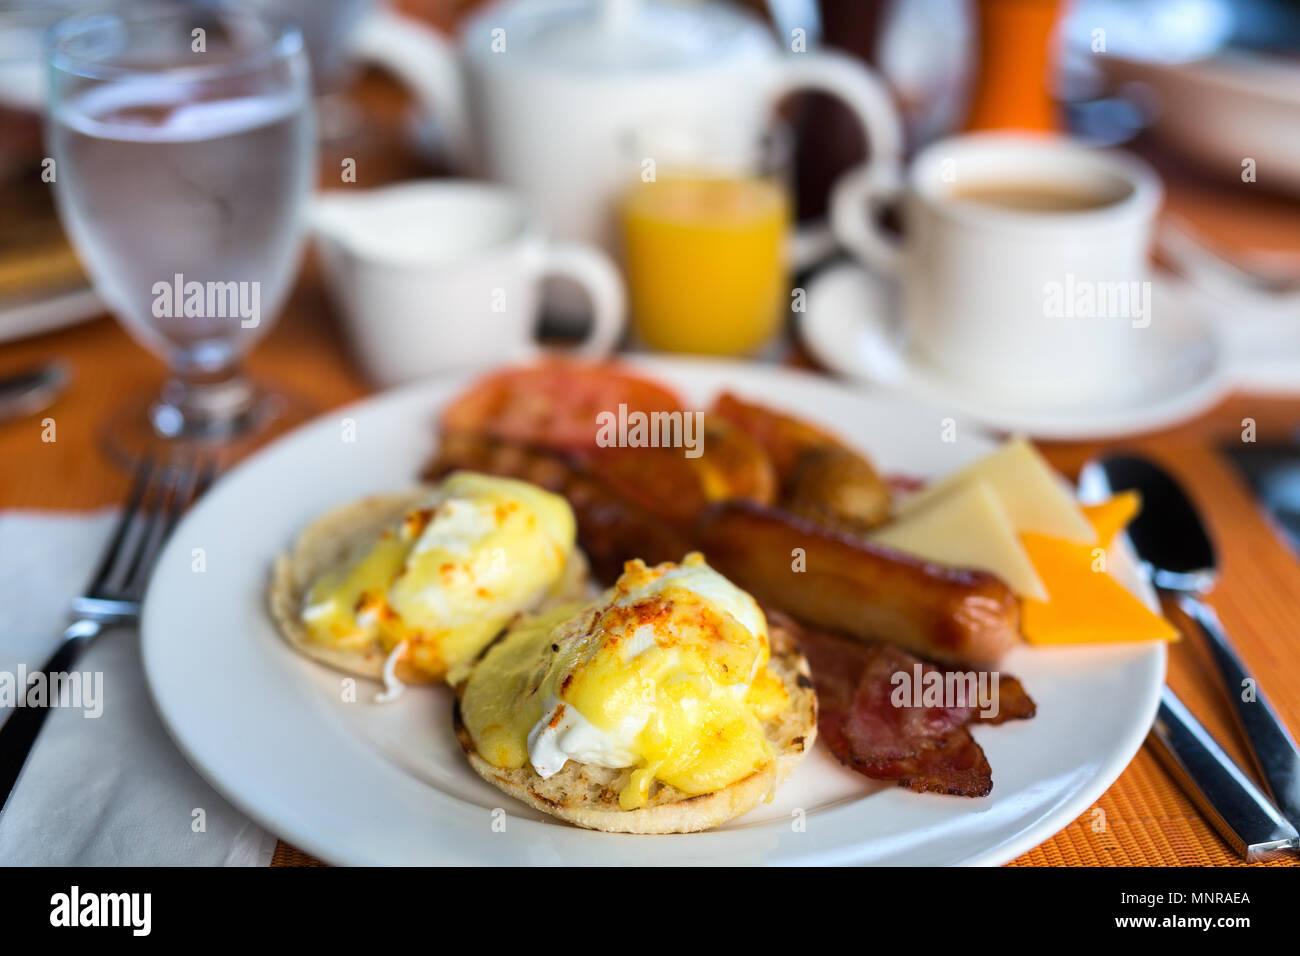 Délicieux petit déjeuner avec des œufs Bénédicte, bacon, jus d'orange et café Photo Stock